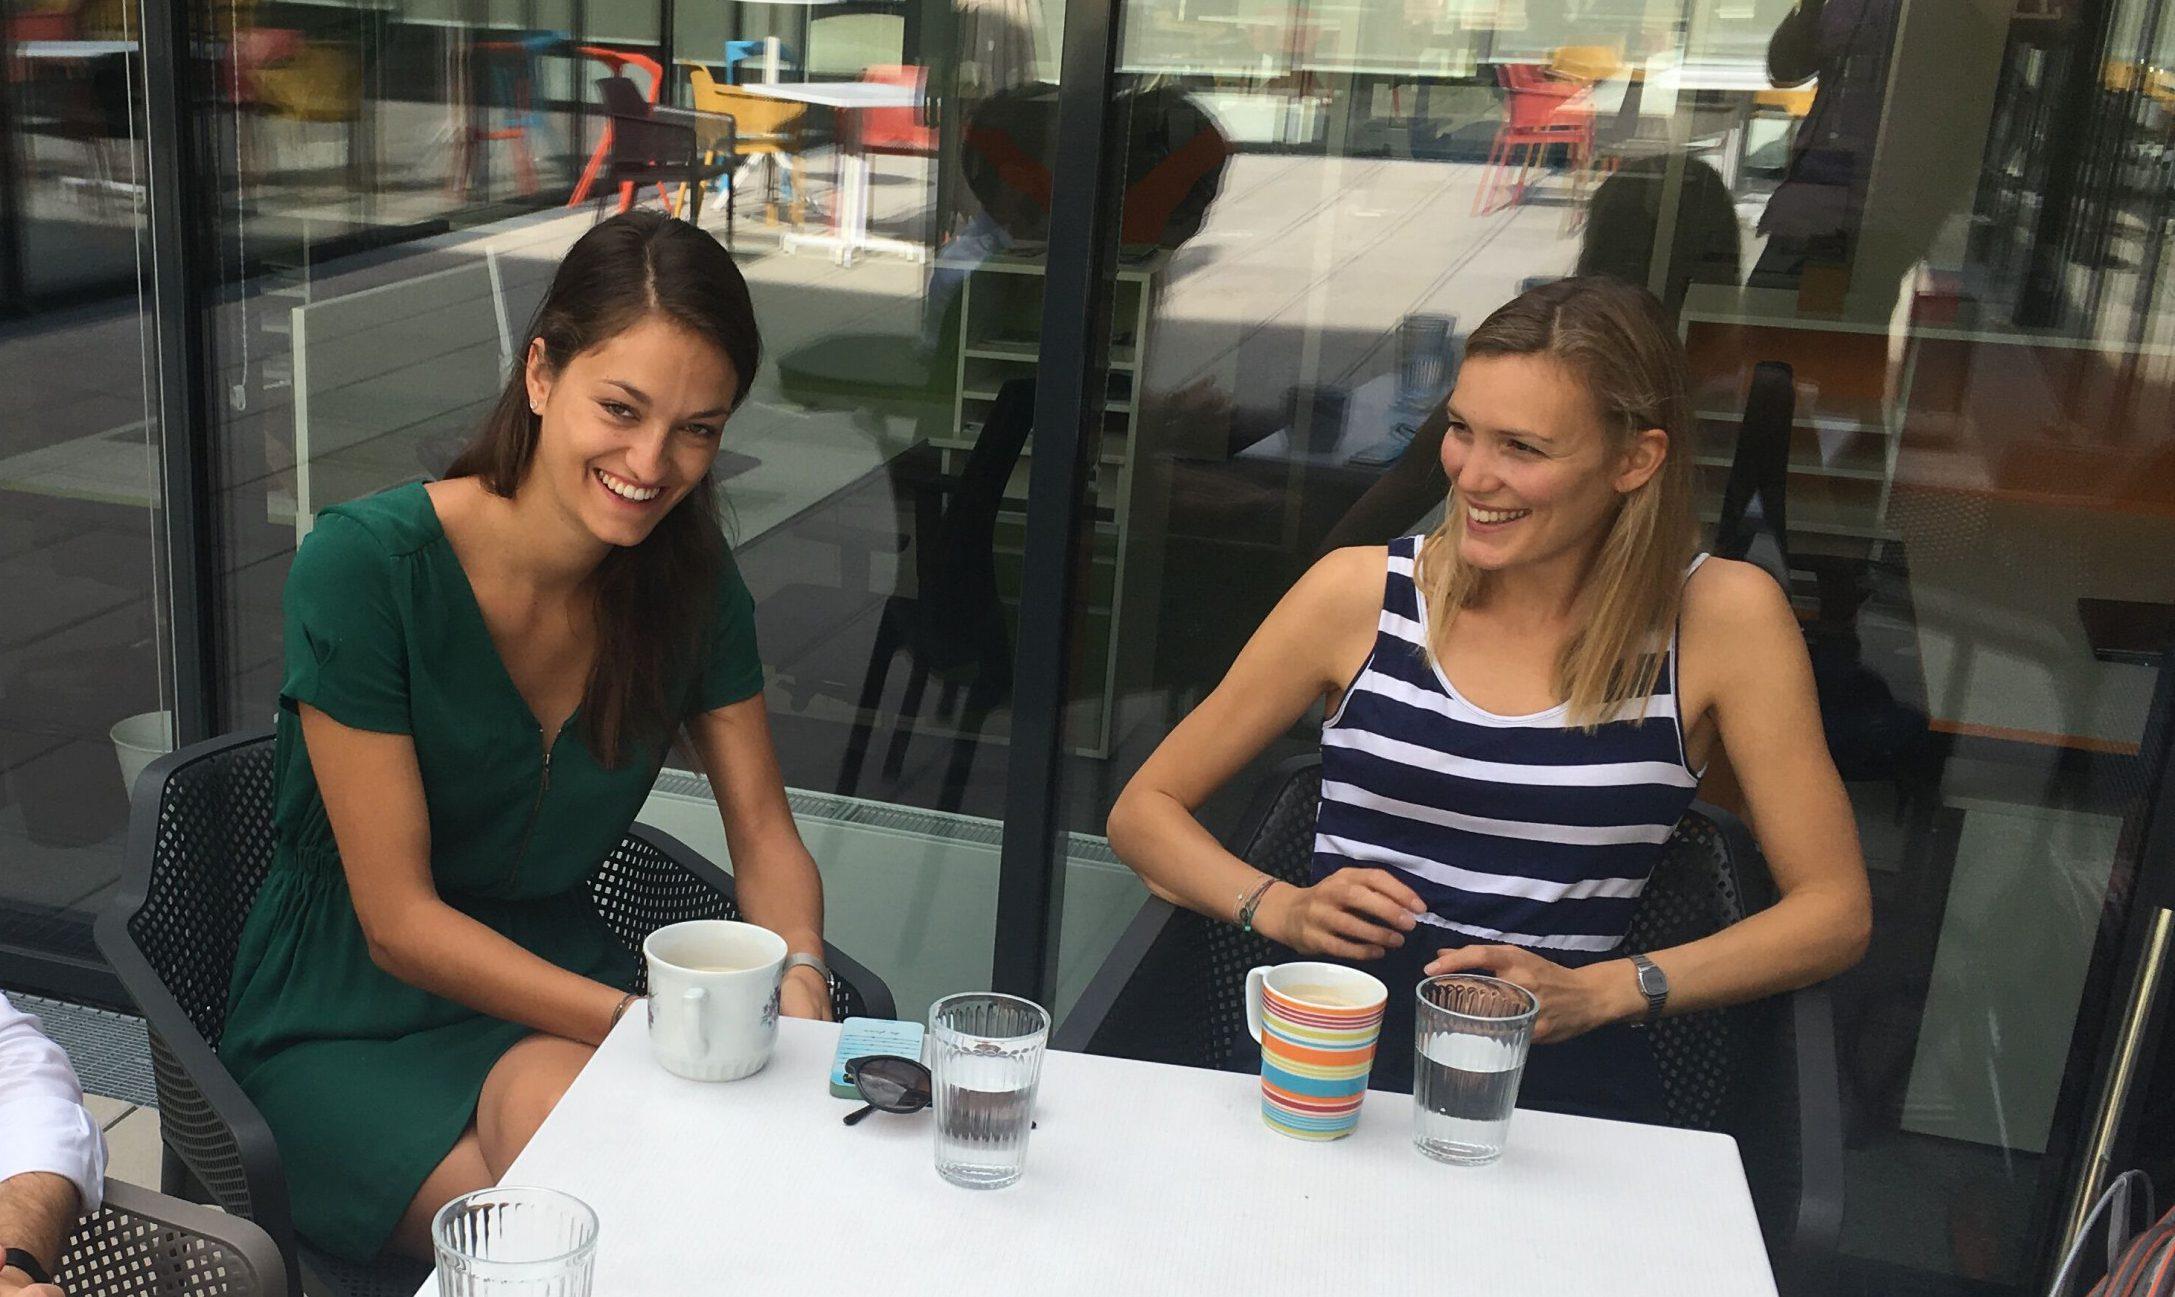 Die More Than One Perspective-Co-Founderinnen Lisa-Maria Sommer (l.) und Nina Poxleitner (r.) wurden unter die 30 under 30 Europe gereiht.